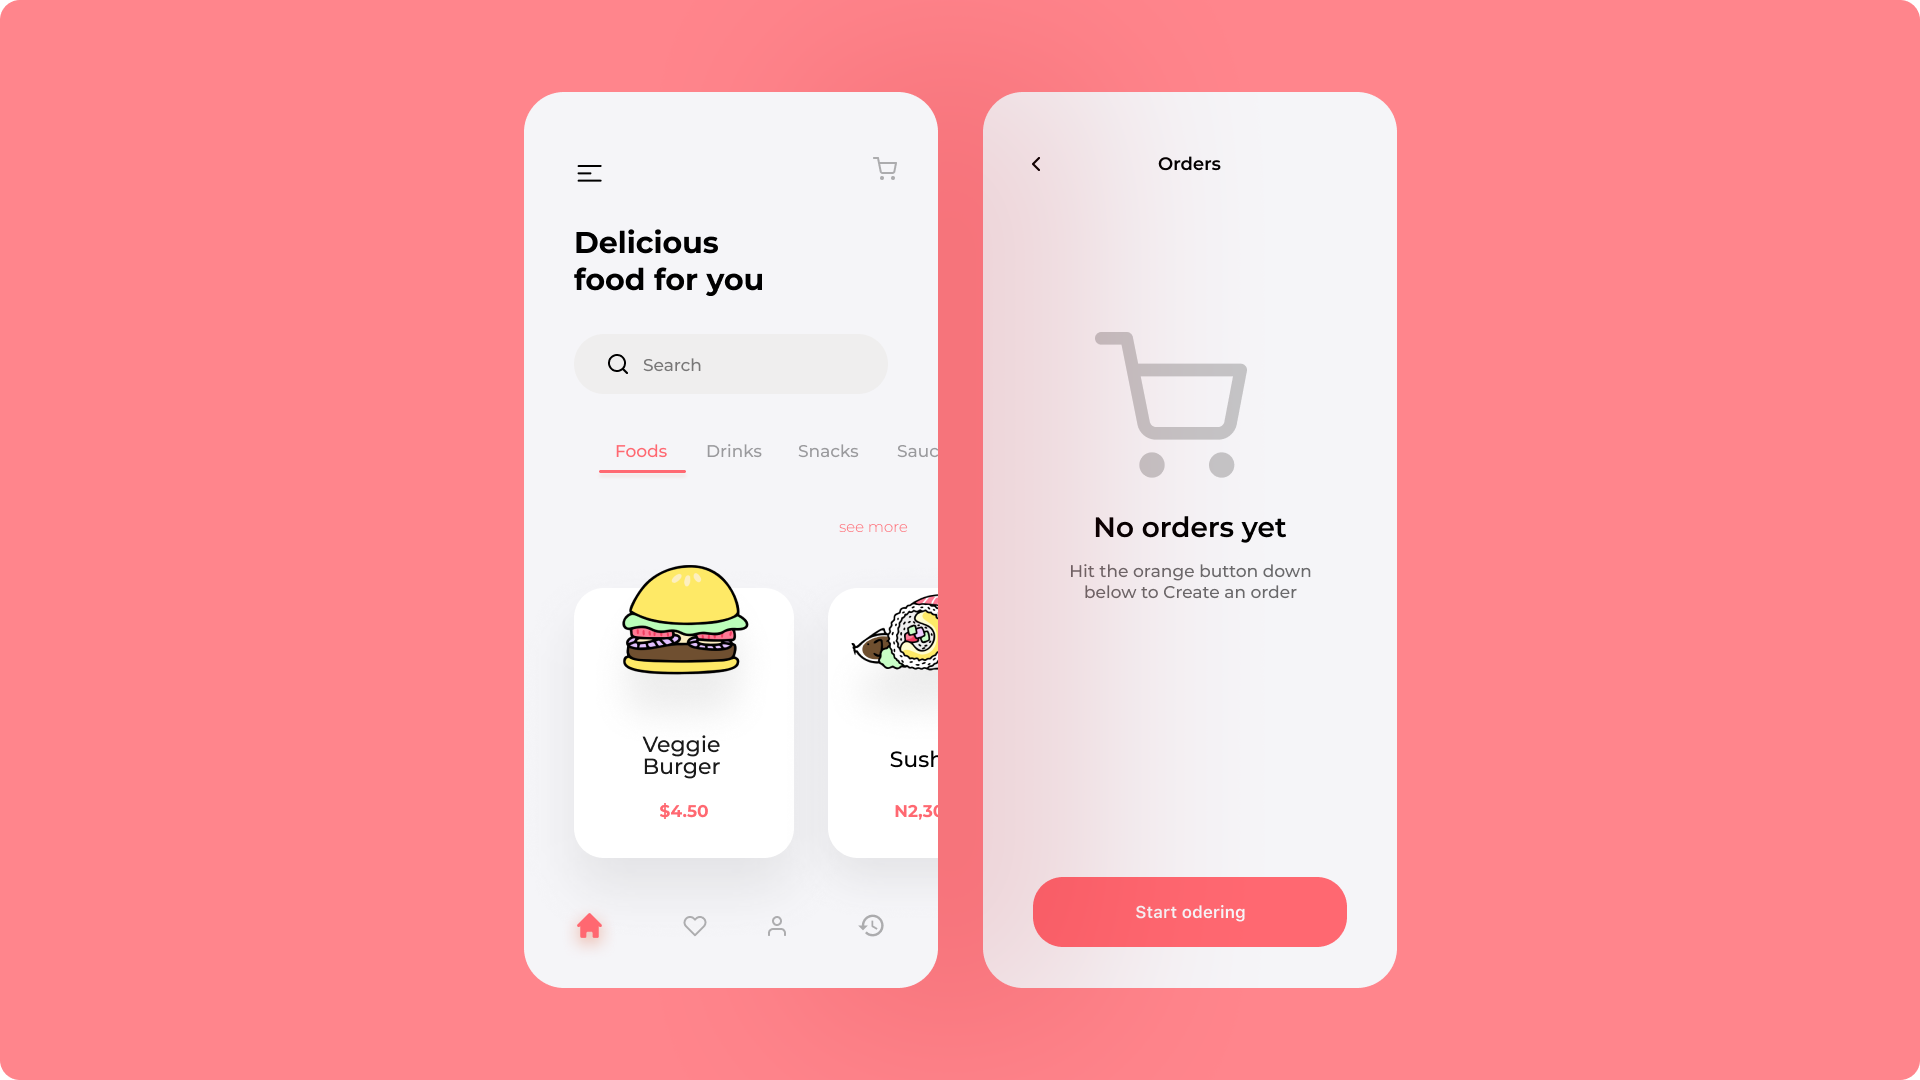 UI screen of a food app